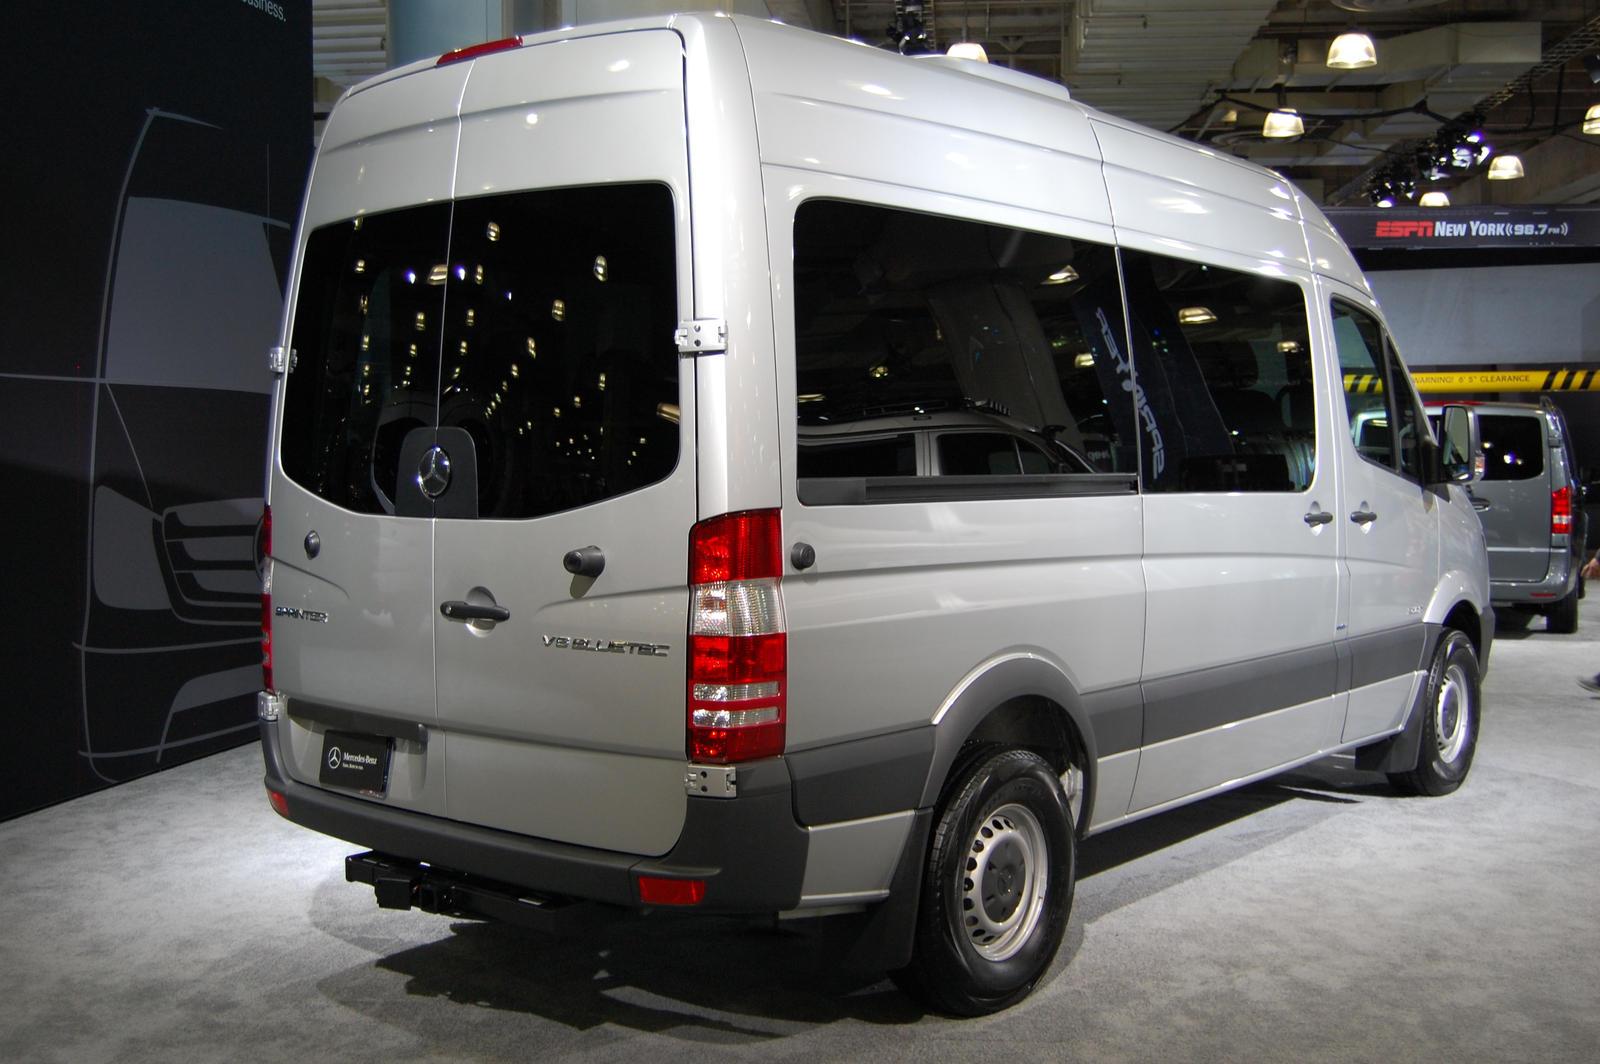 mercedes benz sprinter 2500 passenger van ii by hardrocker78 on deviantart. Black Bedroom Furniture Sets. Home Design Ideas